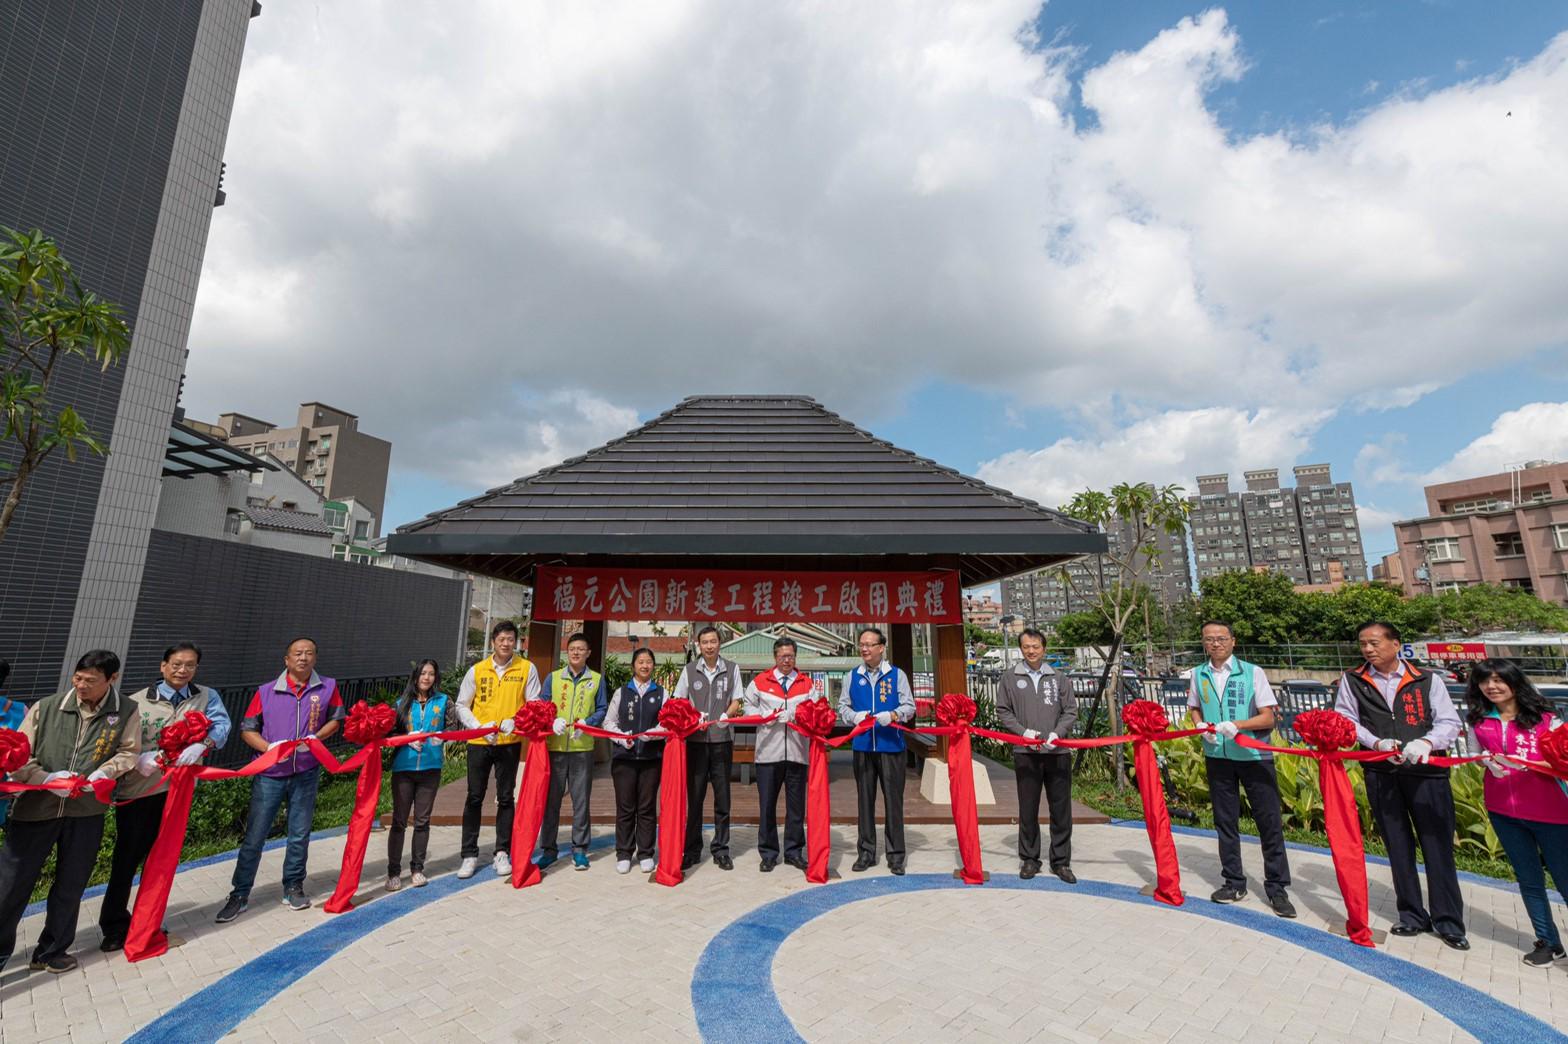 市長及貴賓為福元公園啟用典禮剪綵